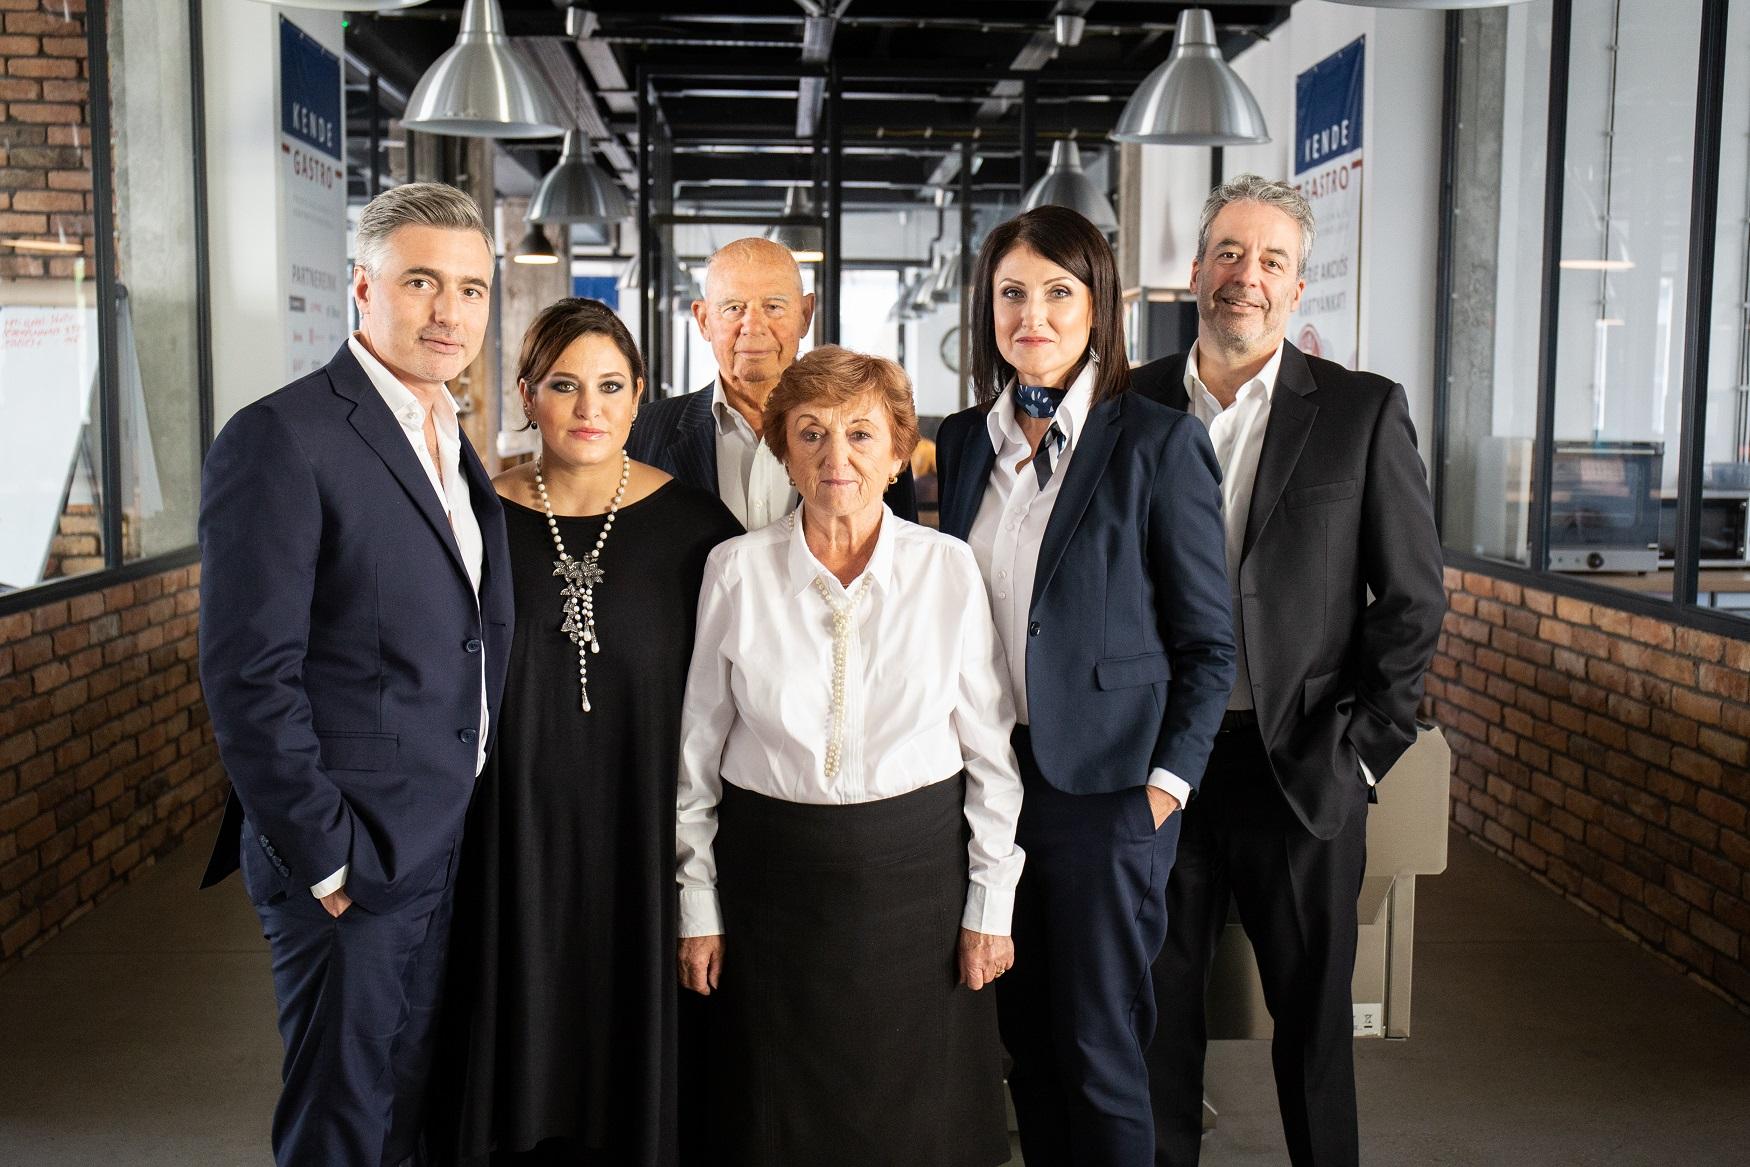 Fagylaltporoktól a mesterséges intelligencián alapuló konténerboltig: egy családi vállalkozás sikertörténete